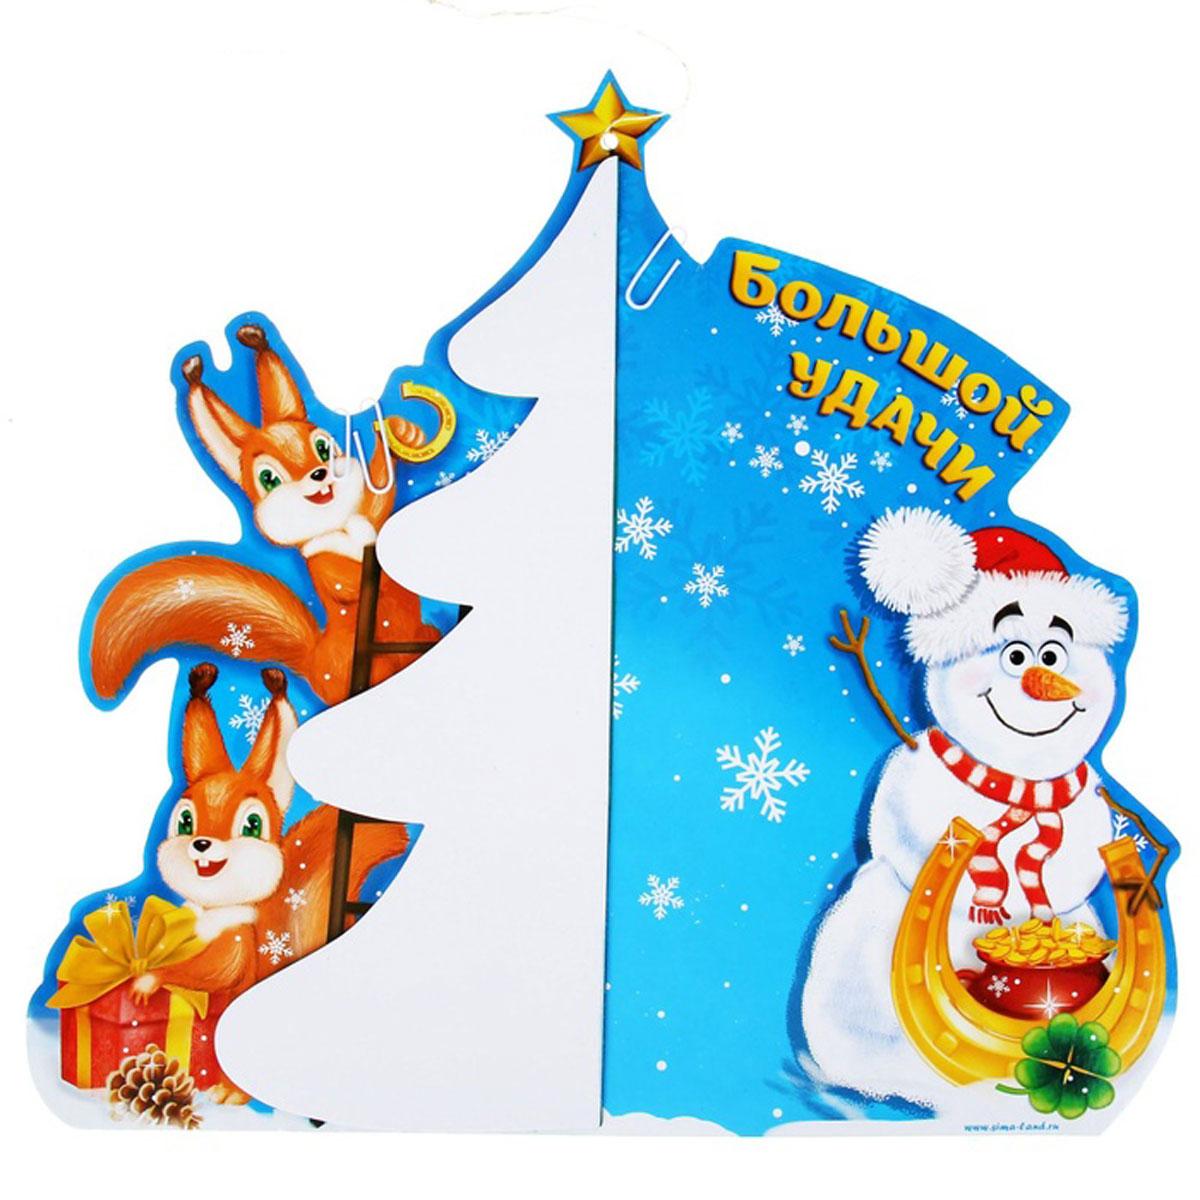 Украшение новогоднее Sima-land Большой удачи, объемное, 33 см х 32,6 смNLED-454-9W-BKУкрашение новогоднее Sima-land Большой удачи, изготовленное из картона, отлично подойдет для декорации вашего дома. Украшение выполнено в виде раскрывающейся гофрированной ели, декорированной снежинками, снеговиком и бельчатами. С помощью специальной текстильной петельки его можно повесить в любом понравившемся вам месте. Новогодние украшения всегда несут в себе волшебство и красоту праздника. Создайте в своем доме атмосферу тепла, веселья и радости, украшая его всей семьей.